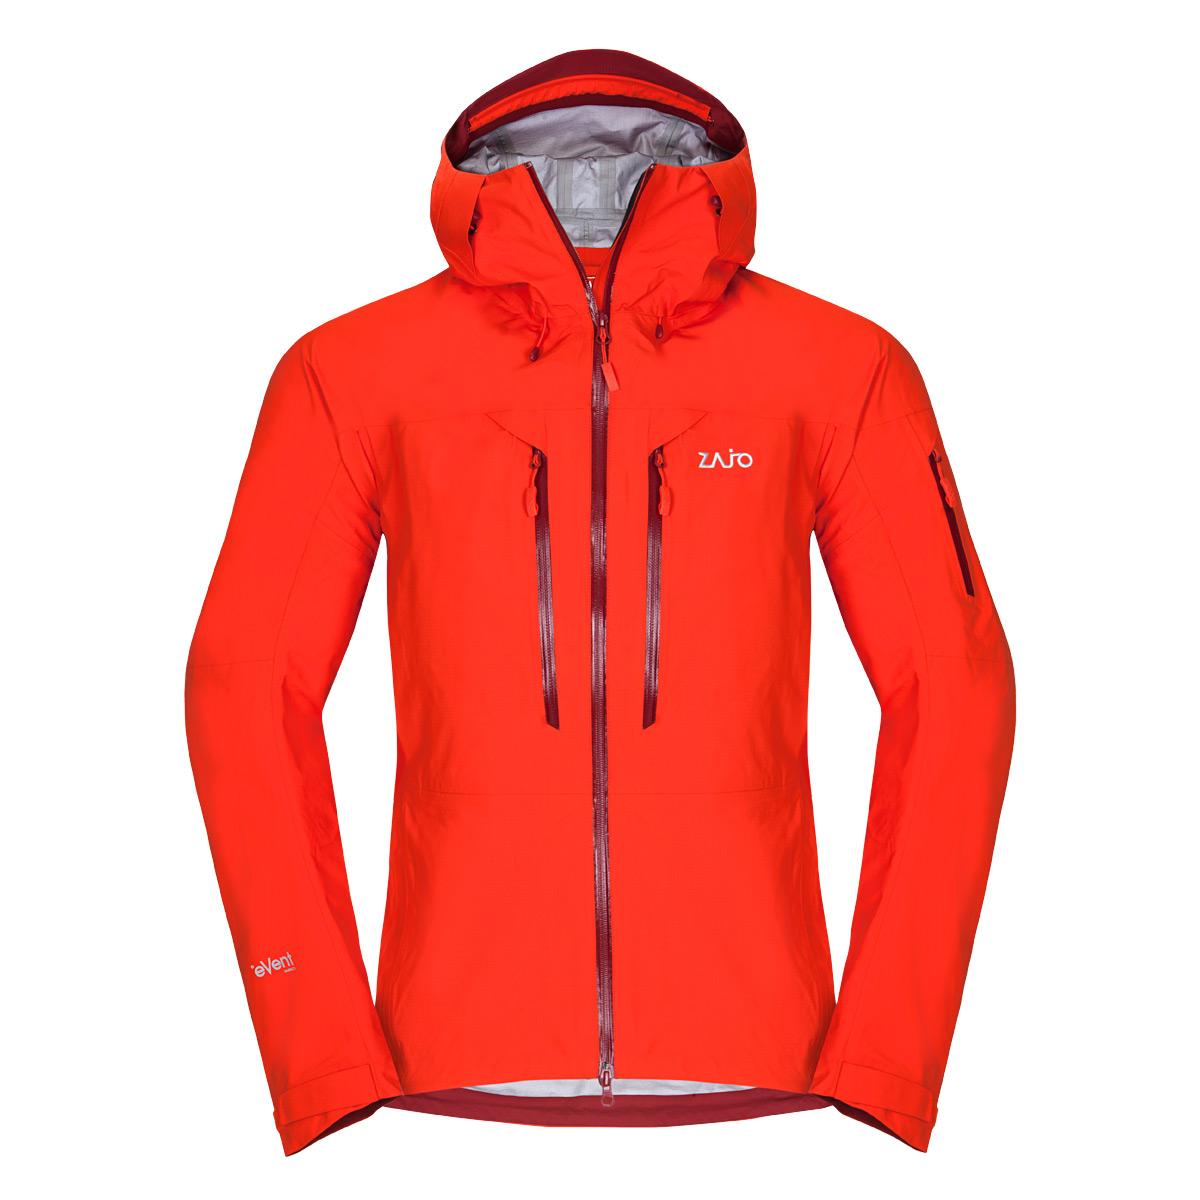 Pánska bunda Zajo Reykjavik Neo JKT Poinciana - veľkosť L